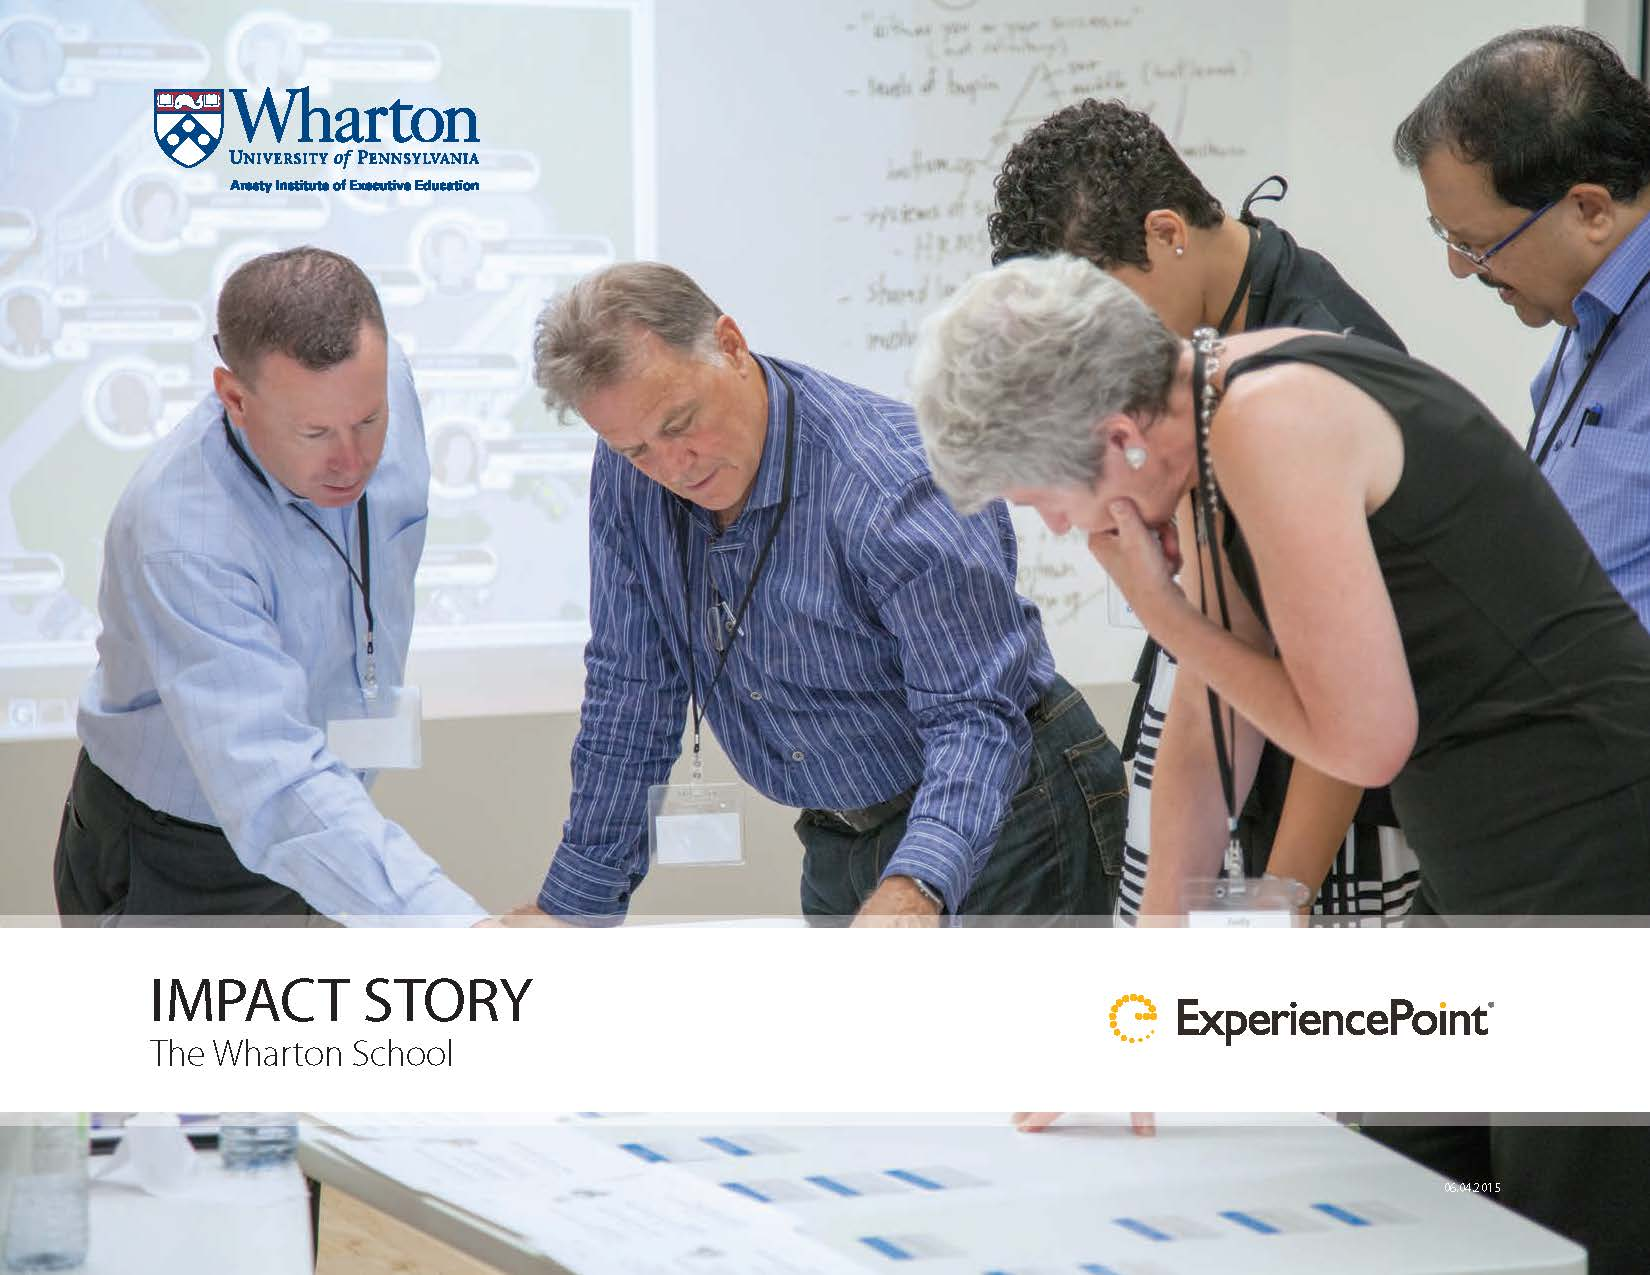 WhartonAtWork_CaseStudy_ExperienceChange_Page_1